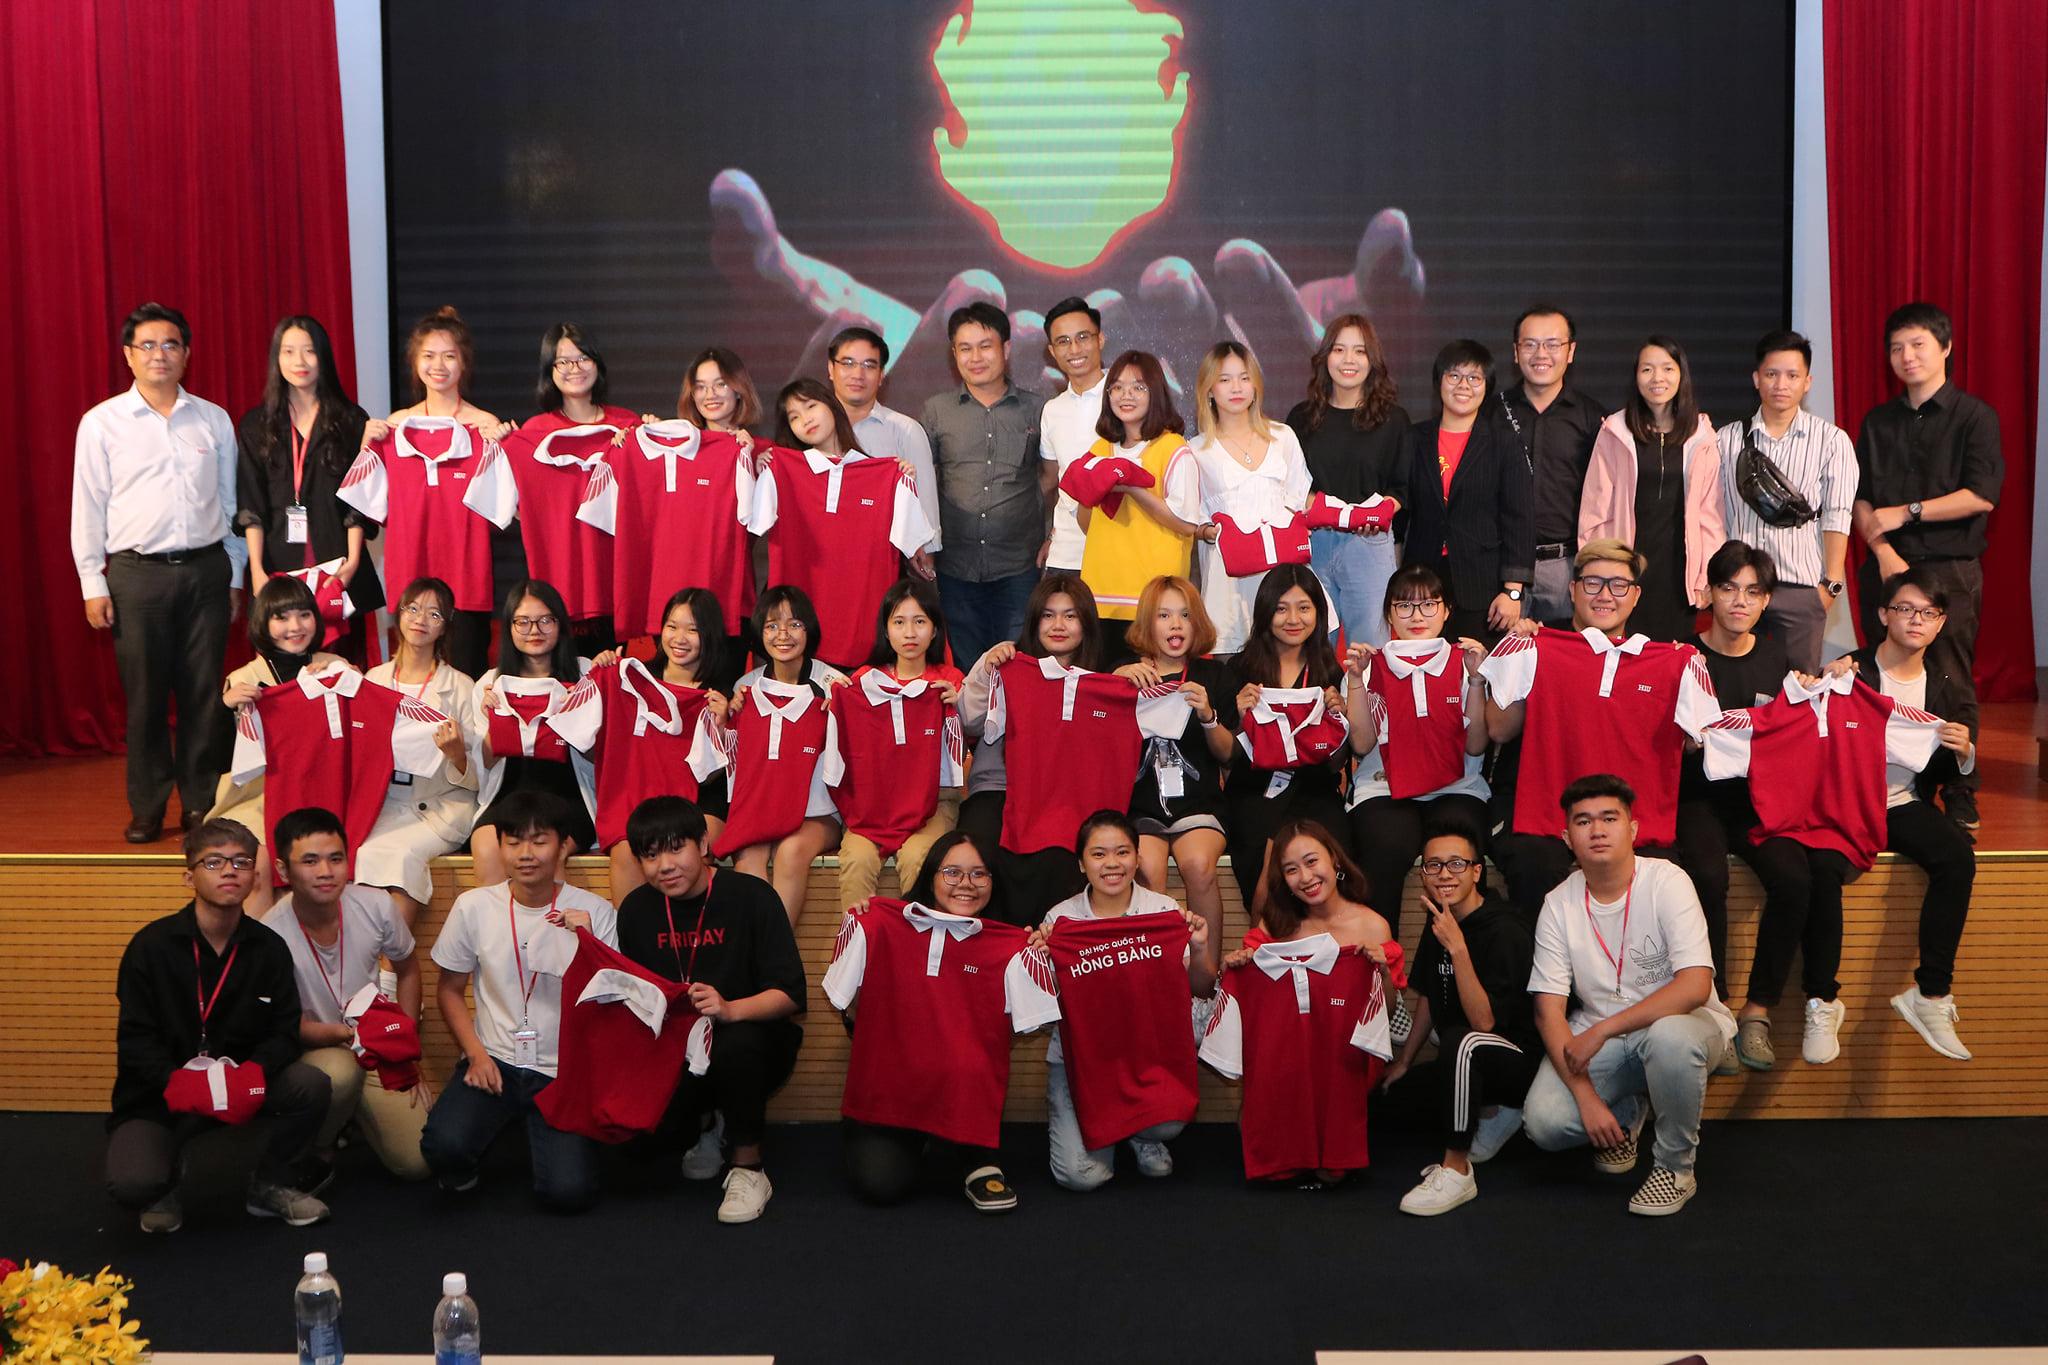 Ngành Truyền thông đa phương tiện tổ chức nghi thức trao áo cho tân sinh viên khóa 19